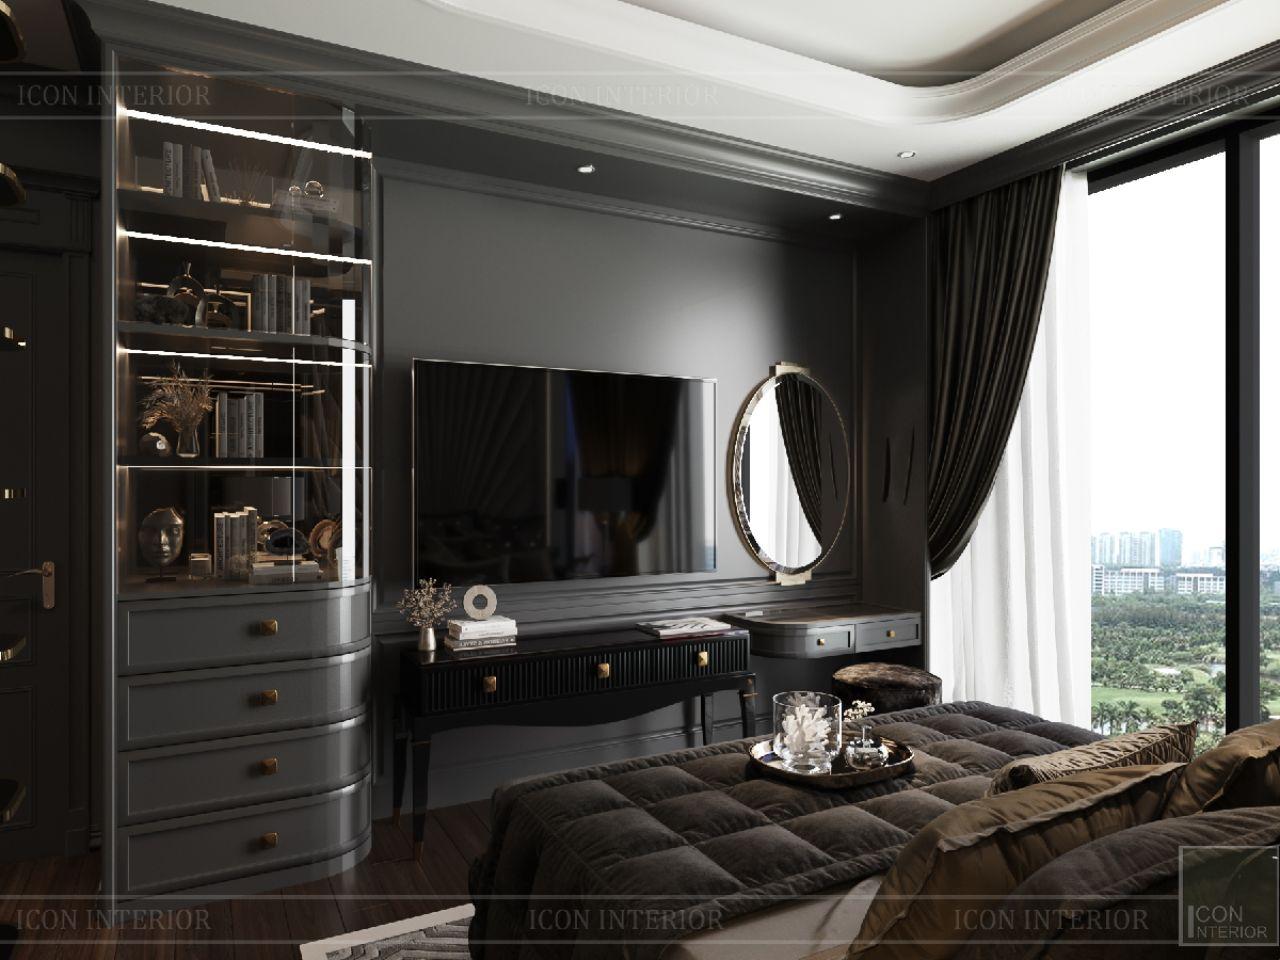 nội thất căn hộ Empire City Thủ Thiêm 149m2 3 phòng ngủ